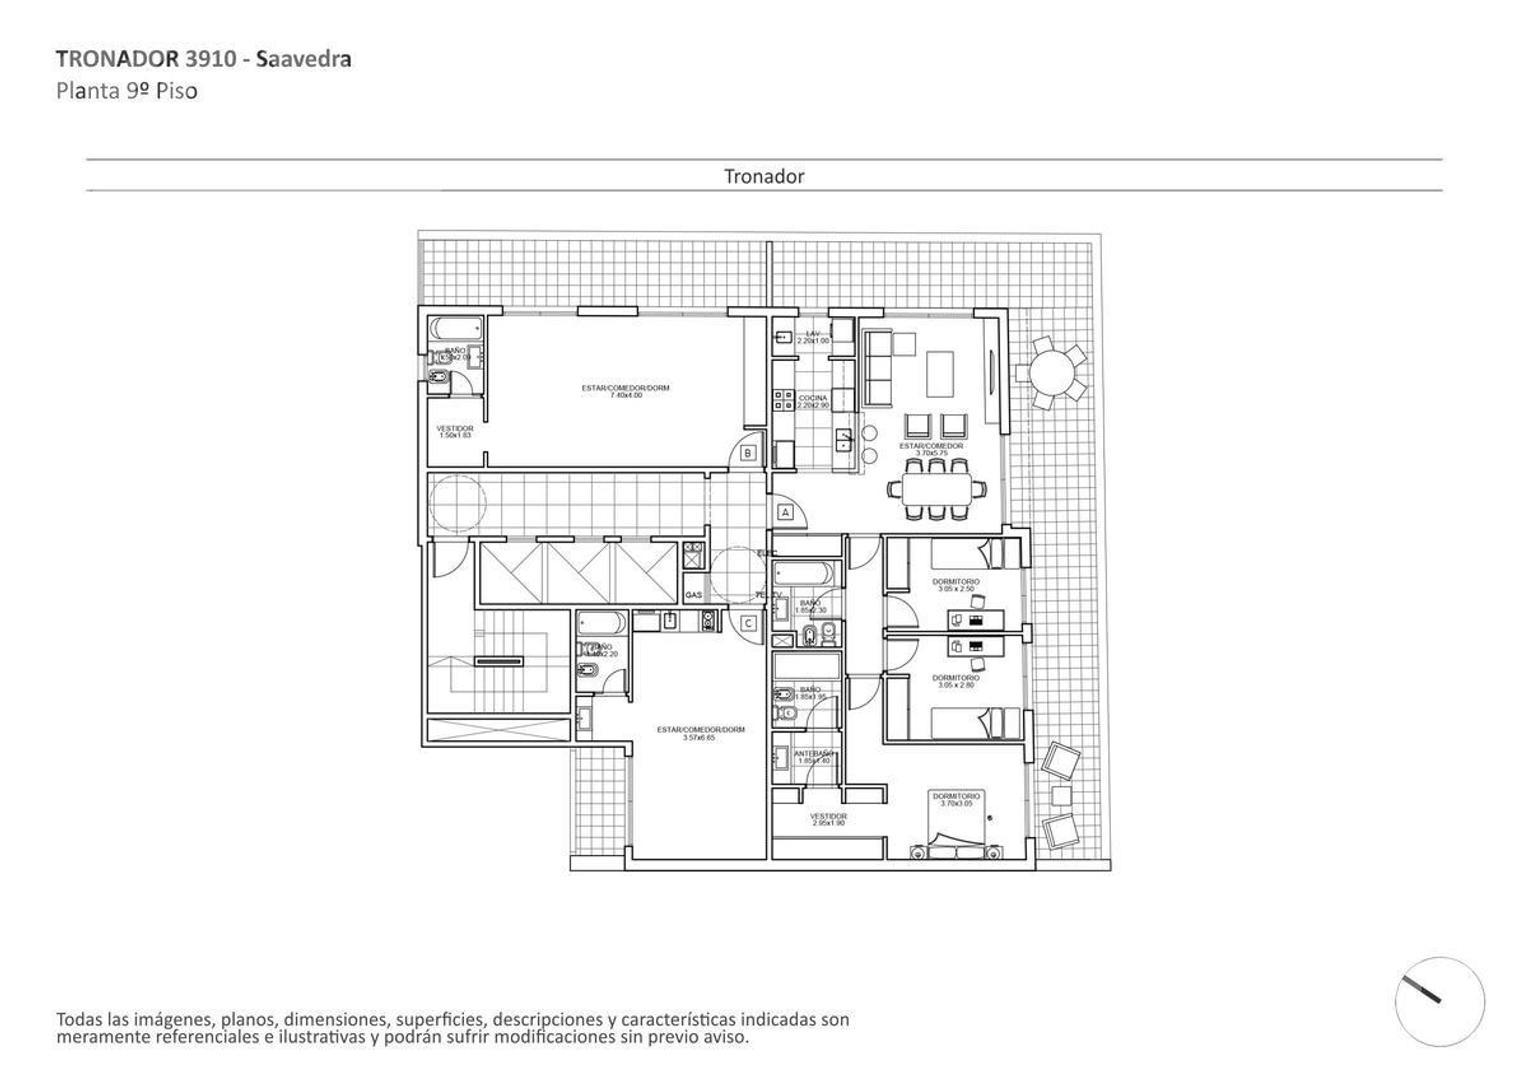 VENTA DEPARTAMENTO DE 2 AMBIENTES EN CONSTRUCCIÓN EN SAAVEDRA - Foto 18